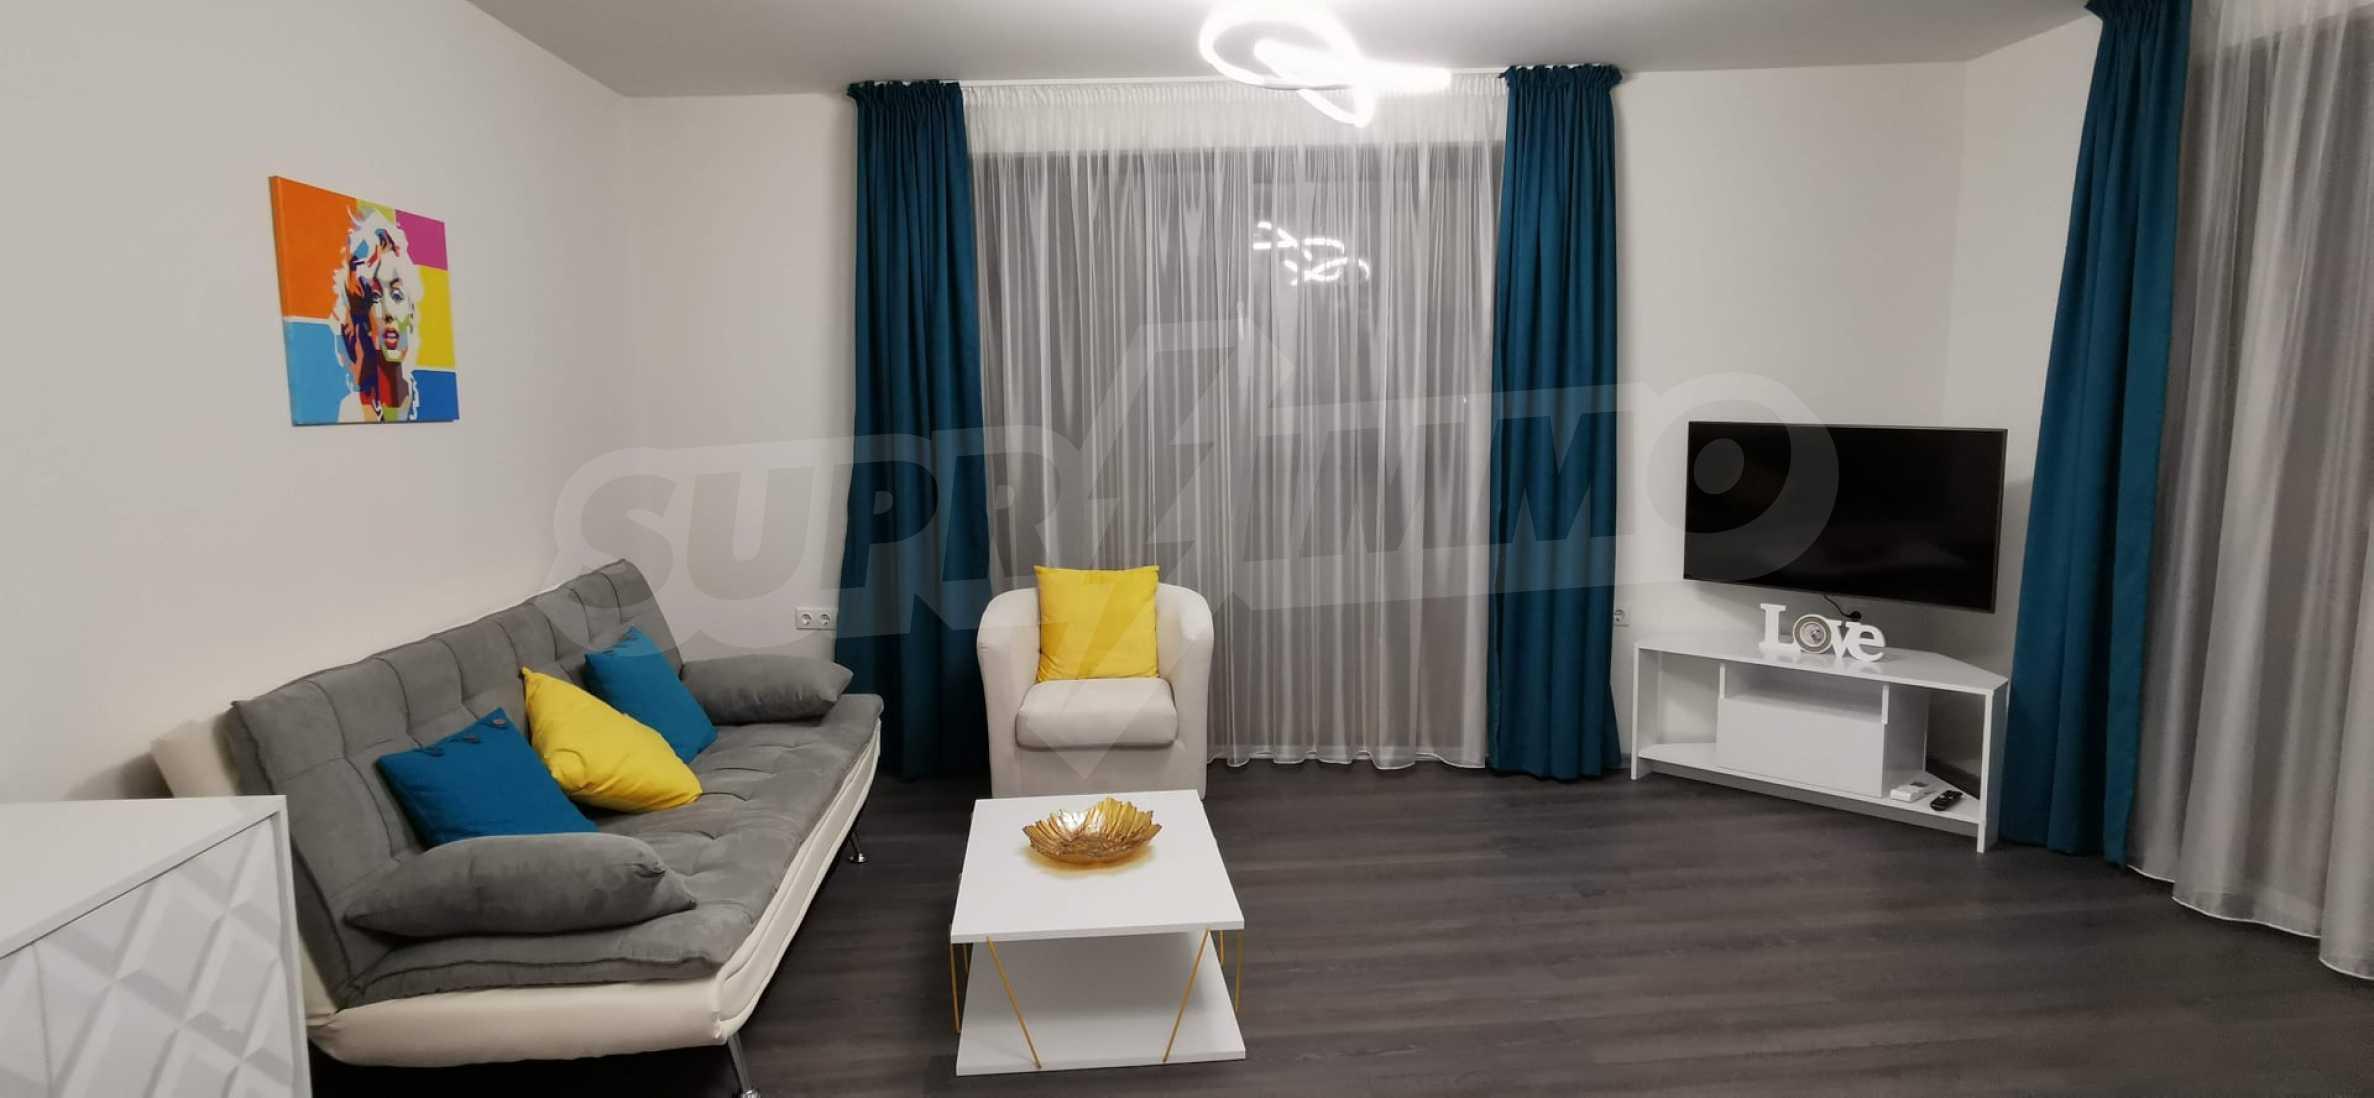 Новая стильно меблированная двухкомнатная квартира в Пловдиве, Центральный район, Каменица 1